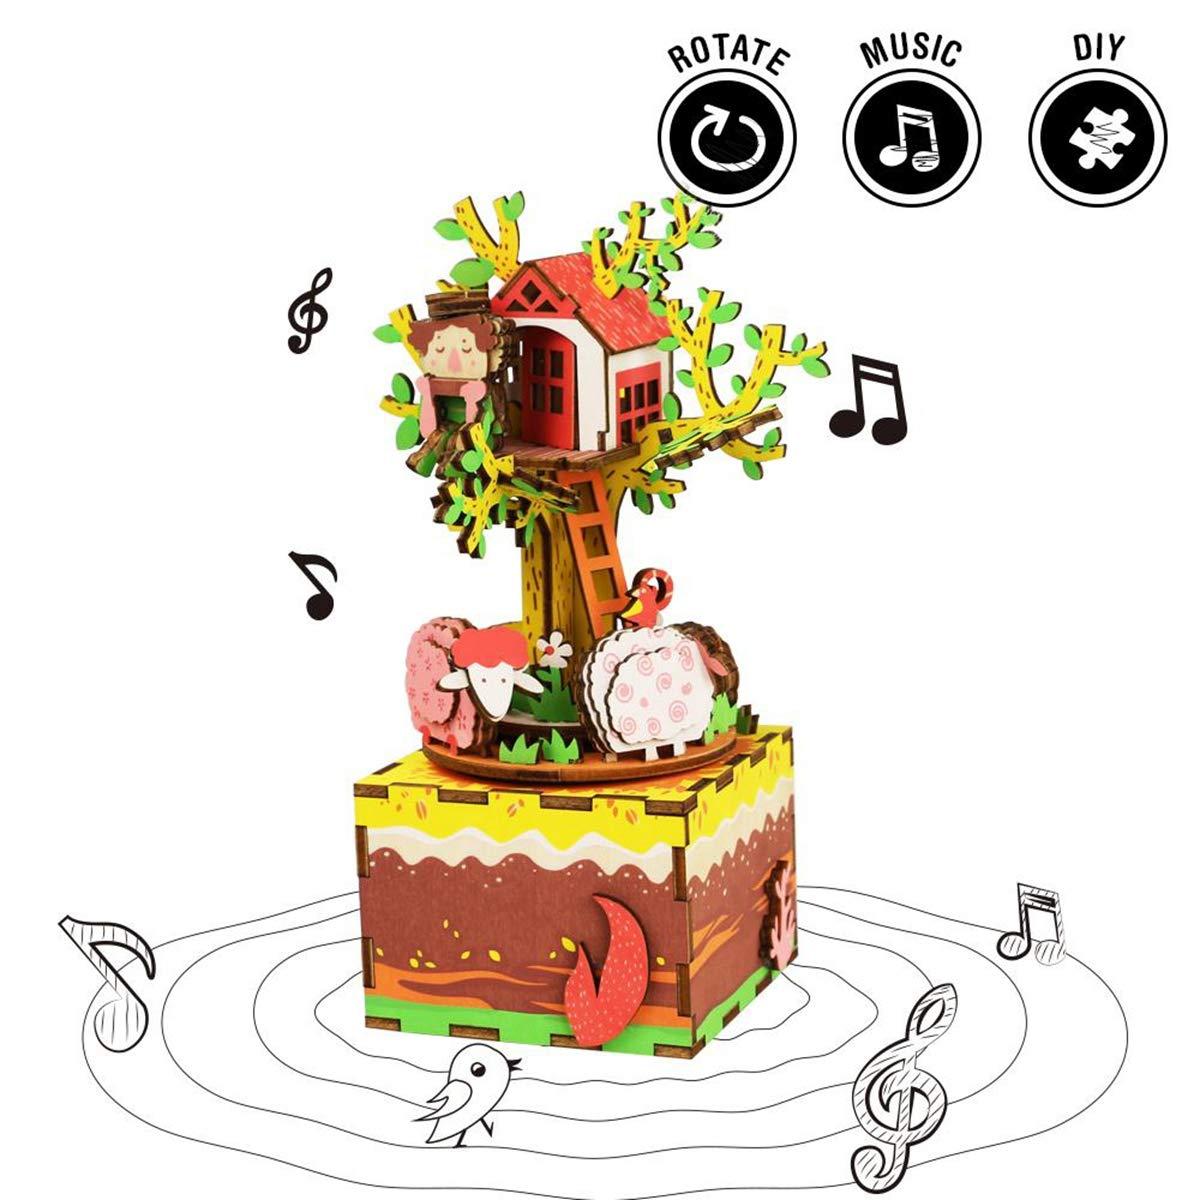 HXZB 3D Rompecabezas de Madera de la Caja de música DIY Conjunto Colorido Giro de Madera Conjunto Artesanal Mejores Vacaciones y cumpleaños casa del árbol de Regalo